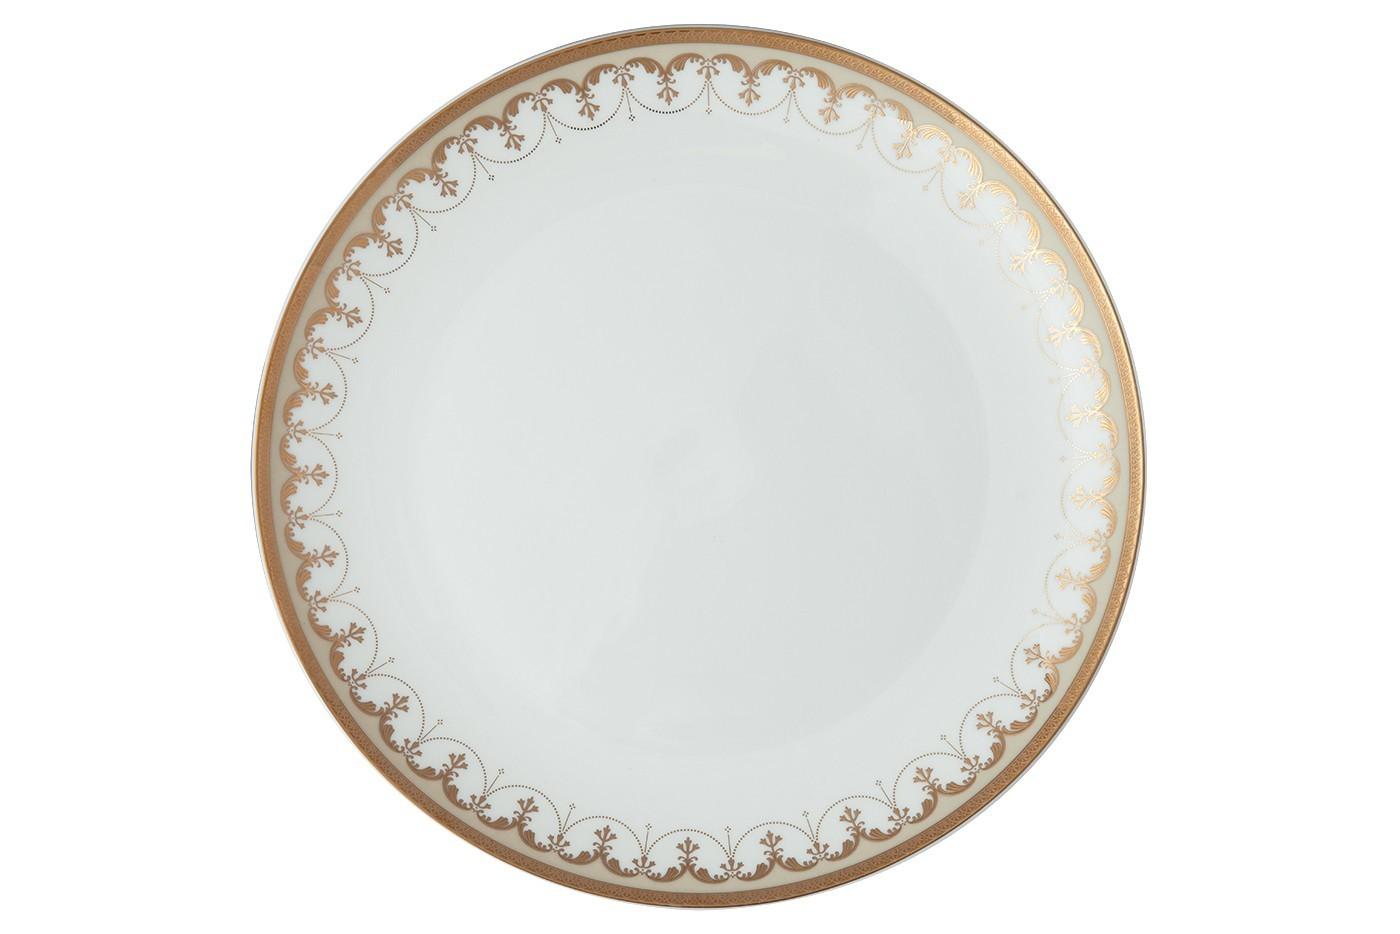 Набор из 6 тарелок Royal Aurel Империал (25см) арт.631Наборы тарелок<br>Набор из 6 тарелок Royal Aurel Империал (25см) арт.631<br>Производить посуду из фарфора начали в Китае на стыке 6-7 веков. Неустанно совершенствуя и селективно отбирая сырье для производства посуды из фарфора, мастерам удалось добиться выдающихся характеристик фарфора: белизны и тонкостенности. В XV веке появился особый интерес к китайской фарфоровой посуде, так как в это время Европе возникла мода на самобытные китайские вещи. Роскошный китайский фарфор являлся изыском и был в новинку, поэтому он выступал в качестве подарка королям, а также знатным людям. Такой дорогой подарок был очень престижен и по праву являлся элитной посудой. Как известно из многочисленных исторических документов, в Европе китайские изделия из фарфора ценились практически как золото. <br>Проверка изделий из костяного фарфора на подлинность <br>По сравнению с производством других видов фарфора процесс производства изделий из настоящего костяного фарфора сложен и весьма длителен. Посуда из изящного фарфора - это элитная посуда, которая всегда ассоциируется с богатством, величием и благородством. Несмотря на небольшую толщину, фарфоровая посуда - это очень прочное изделие. Для демонстрации плотности и прочности фарфора можно легко коснуться предметов посуды из фарфора деревянной палочкой, и тогда мы услушим характерный металлический звон. В составе фарфоровой посуды присутствует костяная зола, благодаря чему она может быть намного тоньше (не более 2,5 мм) и легче твердого или мягкого фарфора. Безупречная белизна - ключевой признак отличия такого фарфора от других. Цвет обычного фарфора сероватый или ближе к голубоватому, а костяной фарфор будет всегда будет молочно-белого цвета. Характерная и немаловажная деталь - это невесомая прозрачность изделий из фарфора такая, что сквозь него проходит свет.<br>